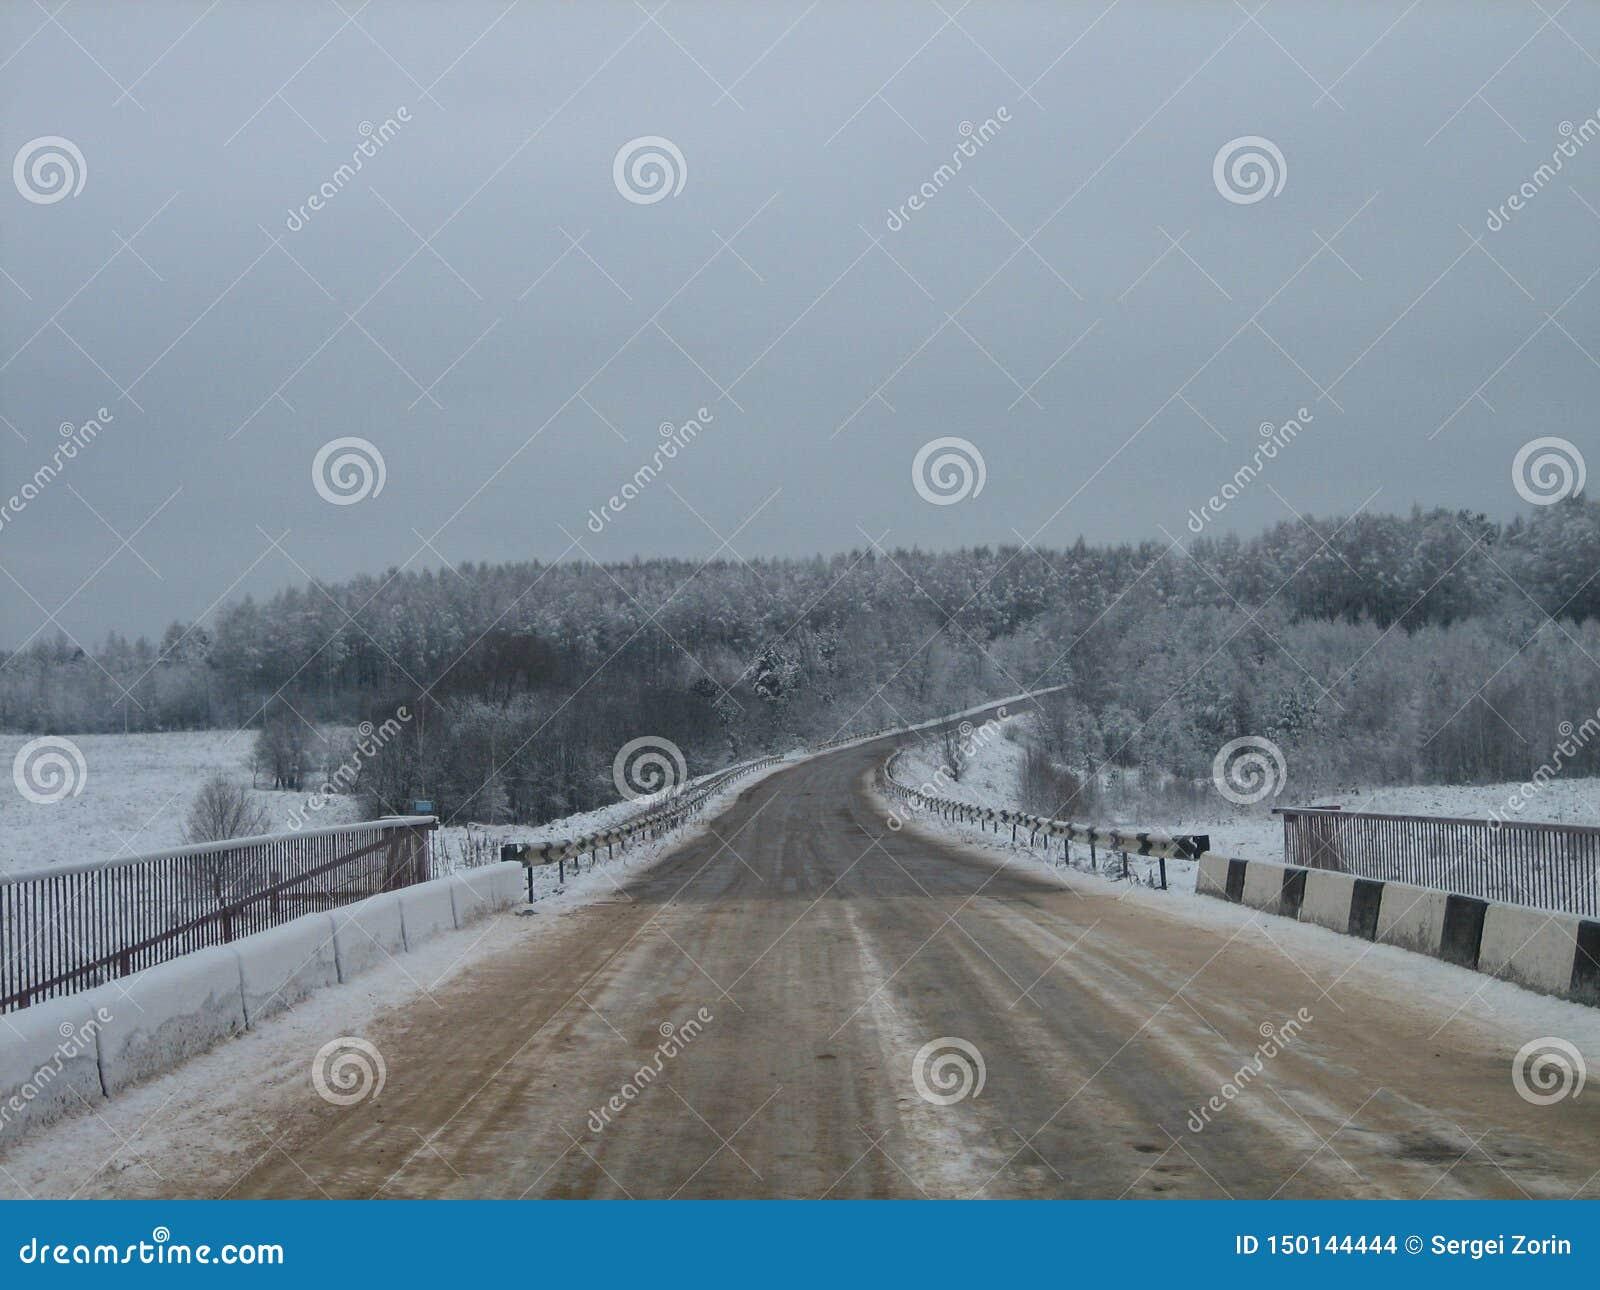 Wegbrug over de rivier in de bosrand in de winter op een grijze bewolkte dag